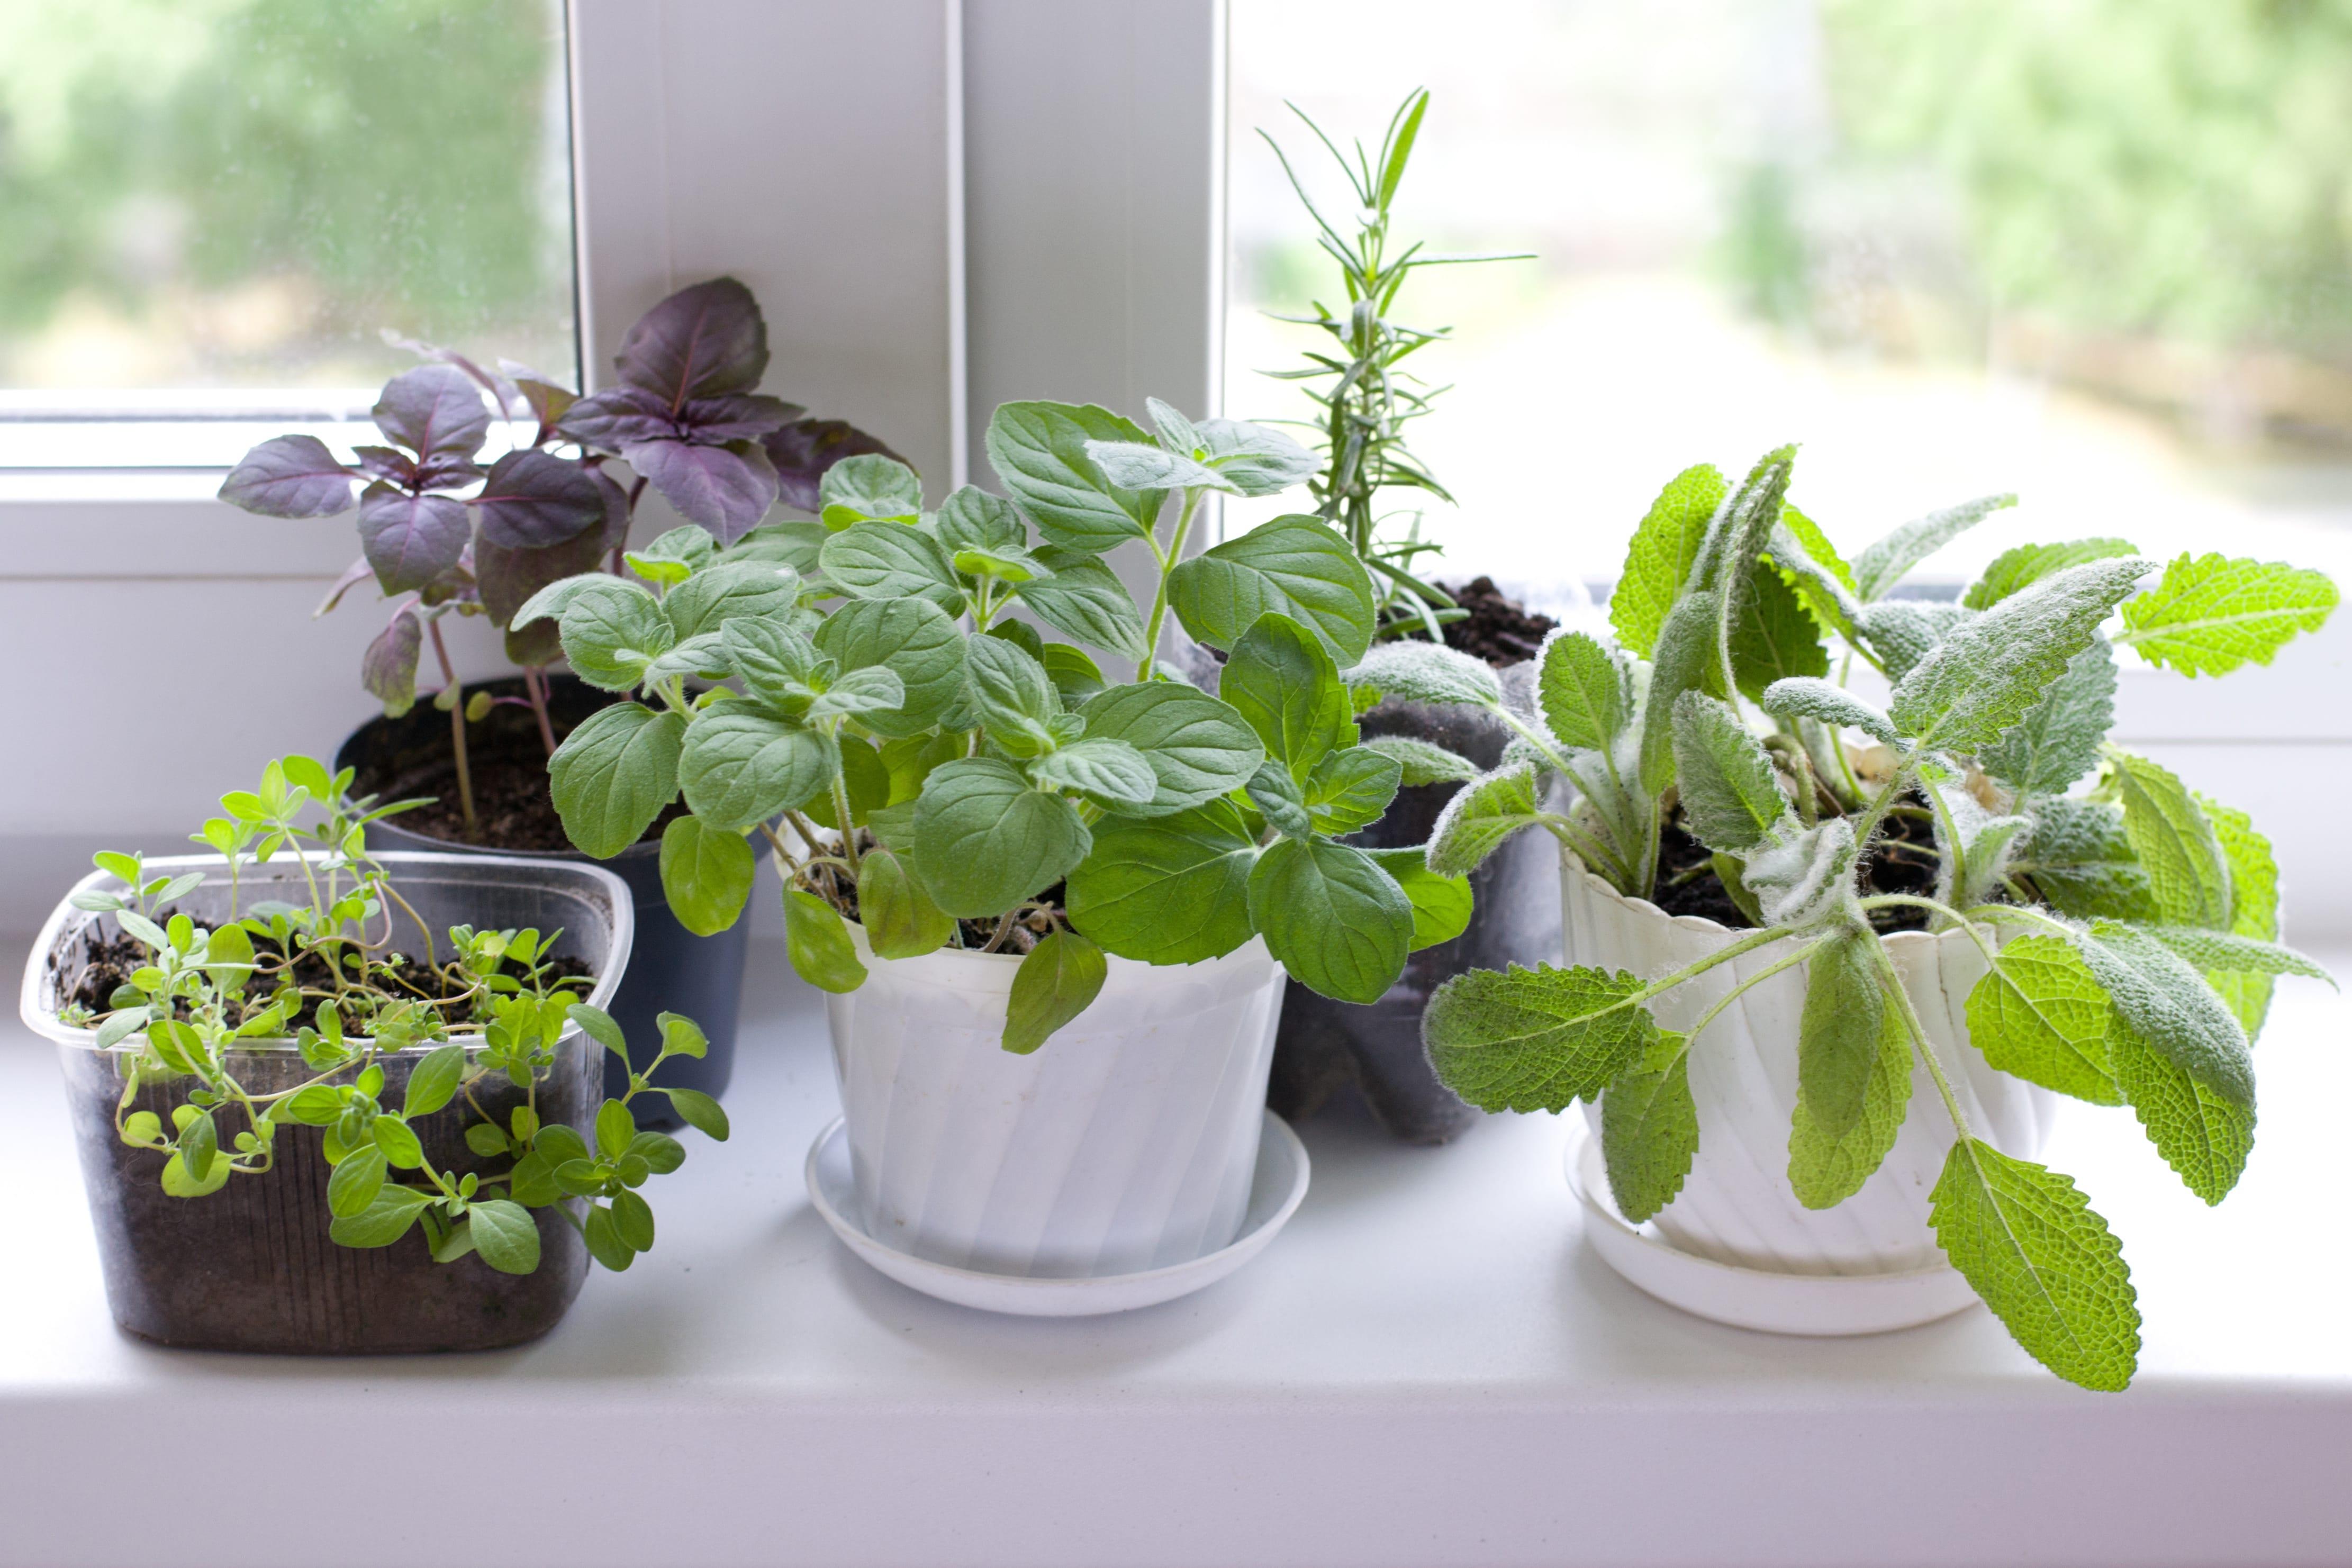 Kräuter von der Fensterbank – 2 Tipps